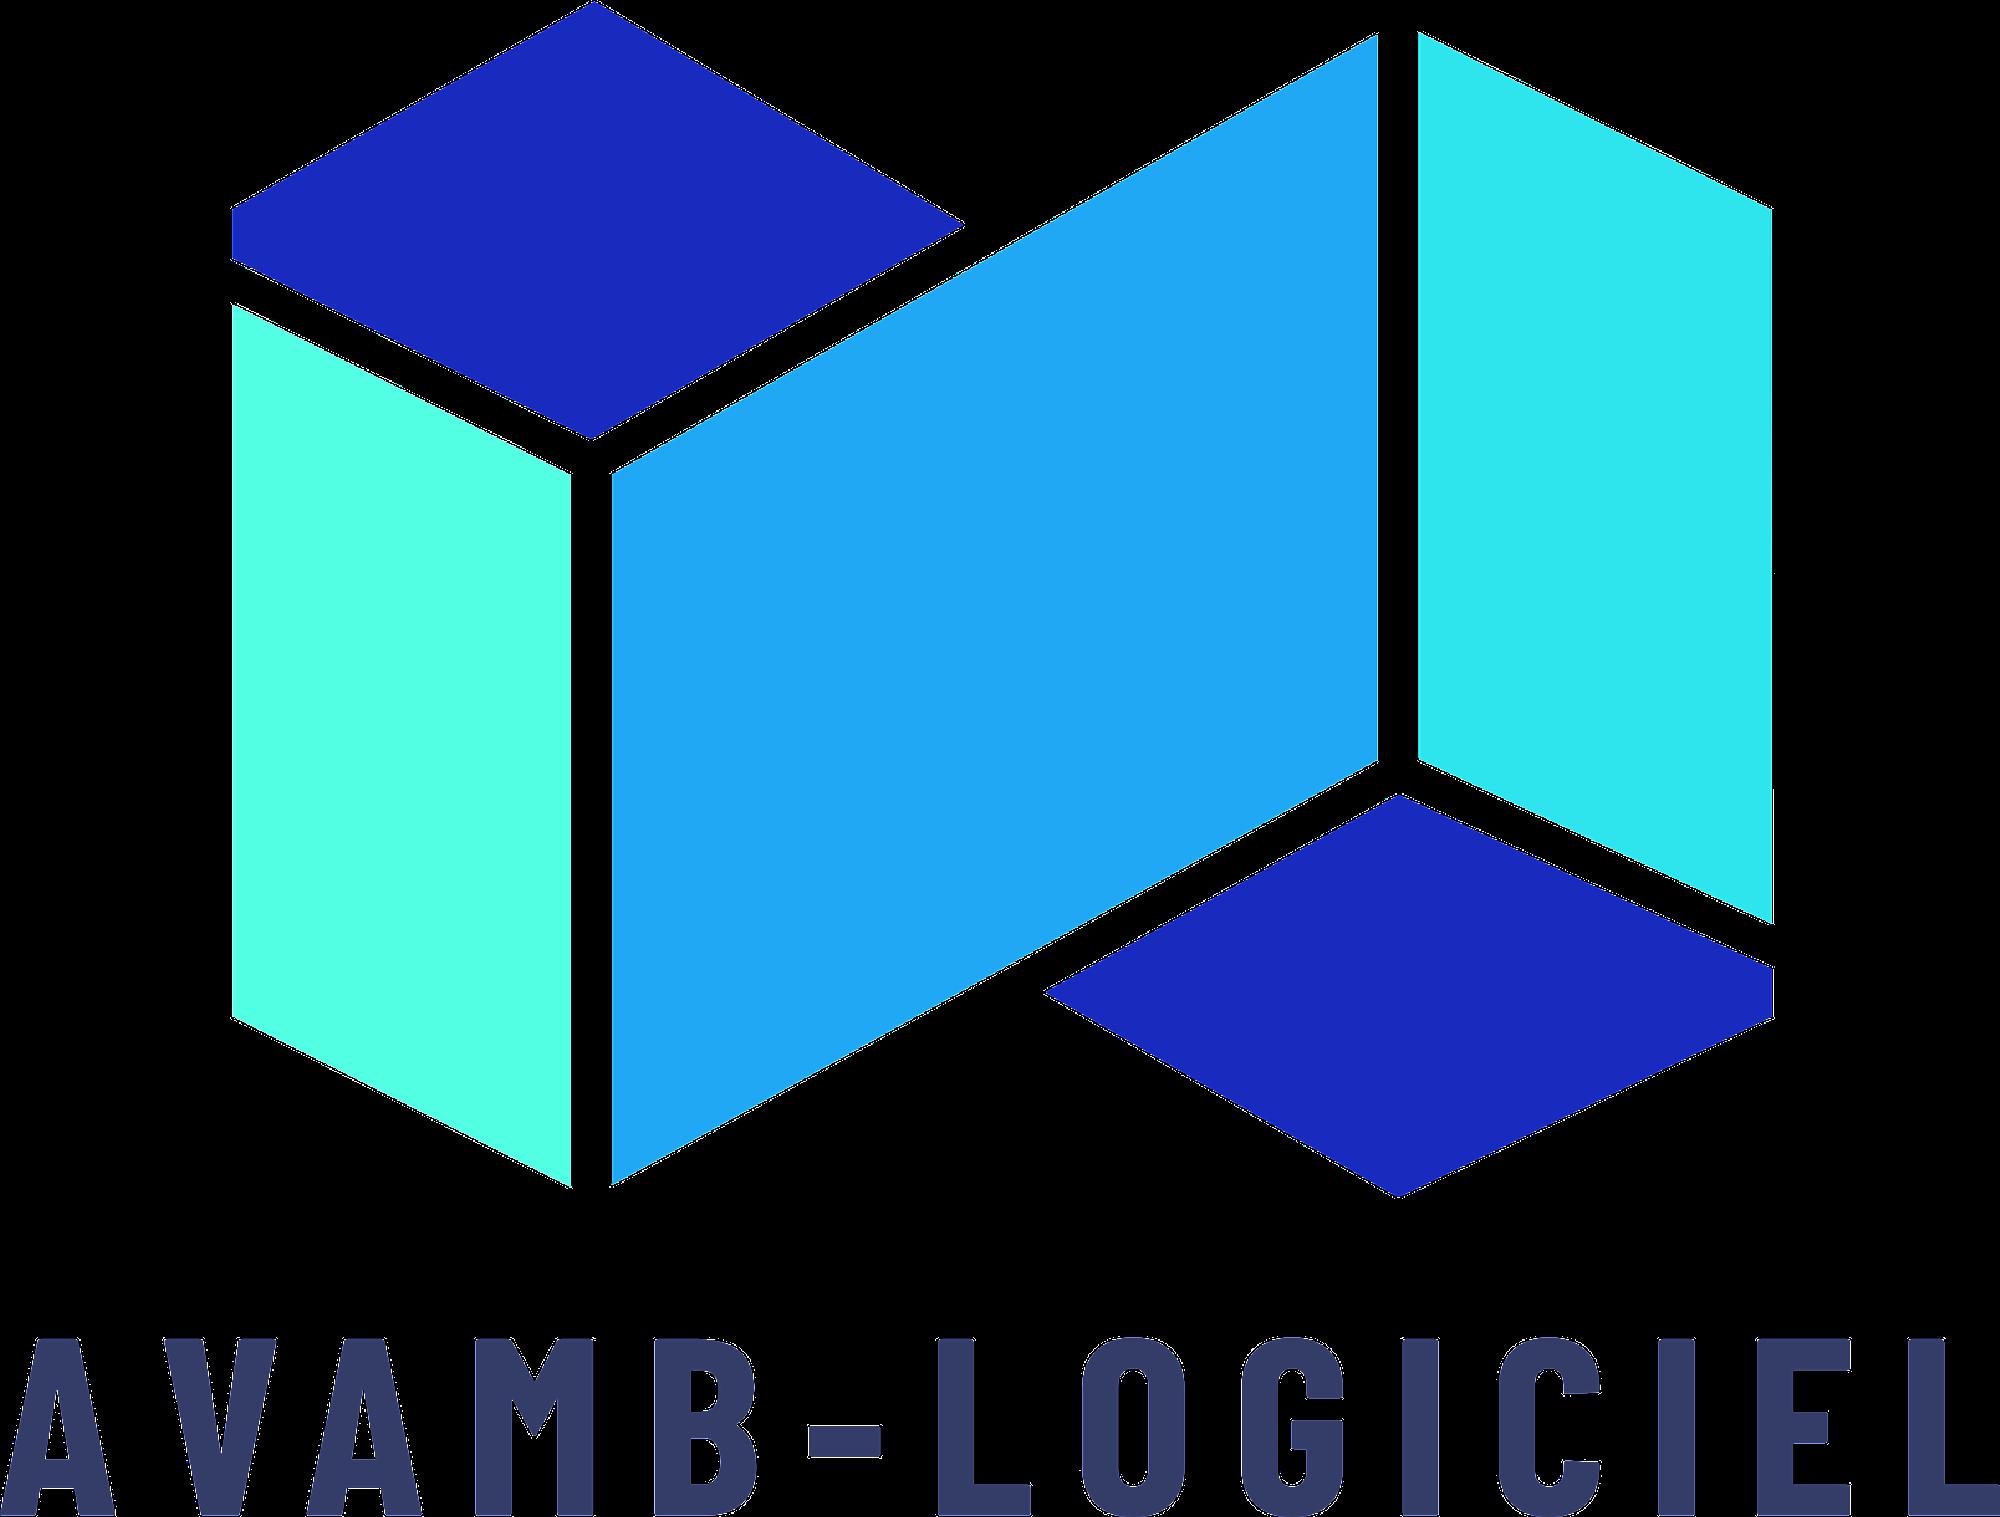 AVAMB-LOGICIEL_basic-file